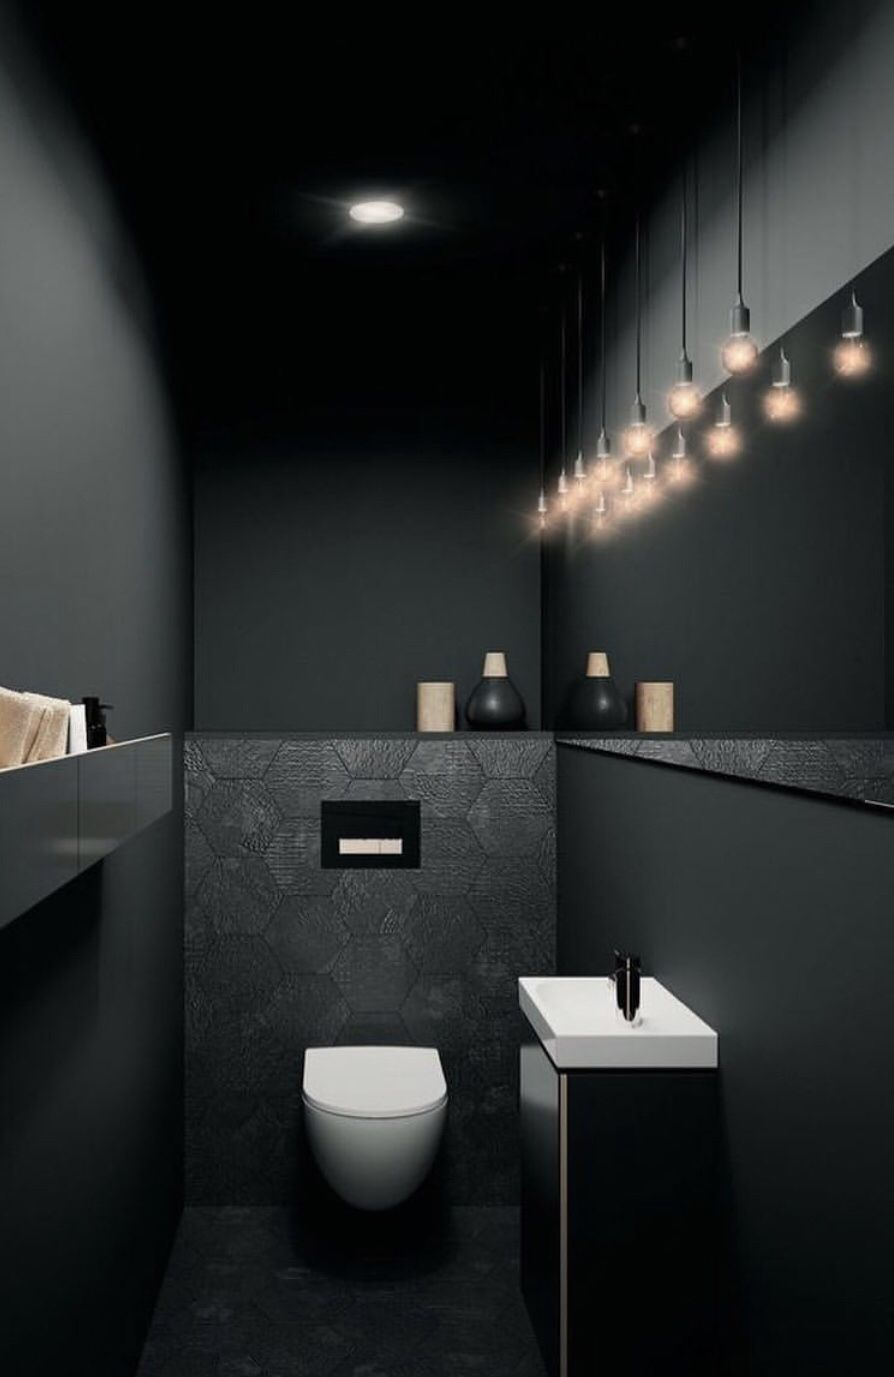 Pin By O L G A A V I L A On H O M E D E C O R Toilet Design Bathroom Interior Wc Design